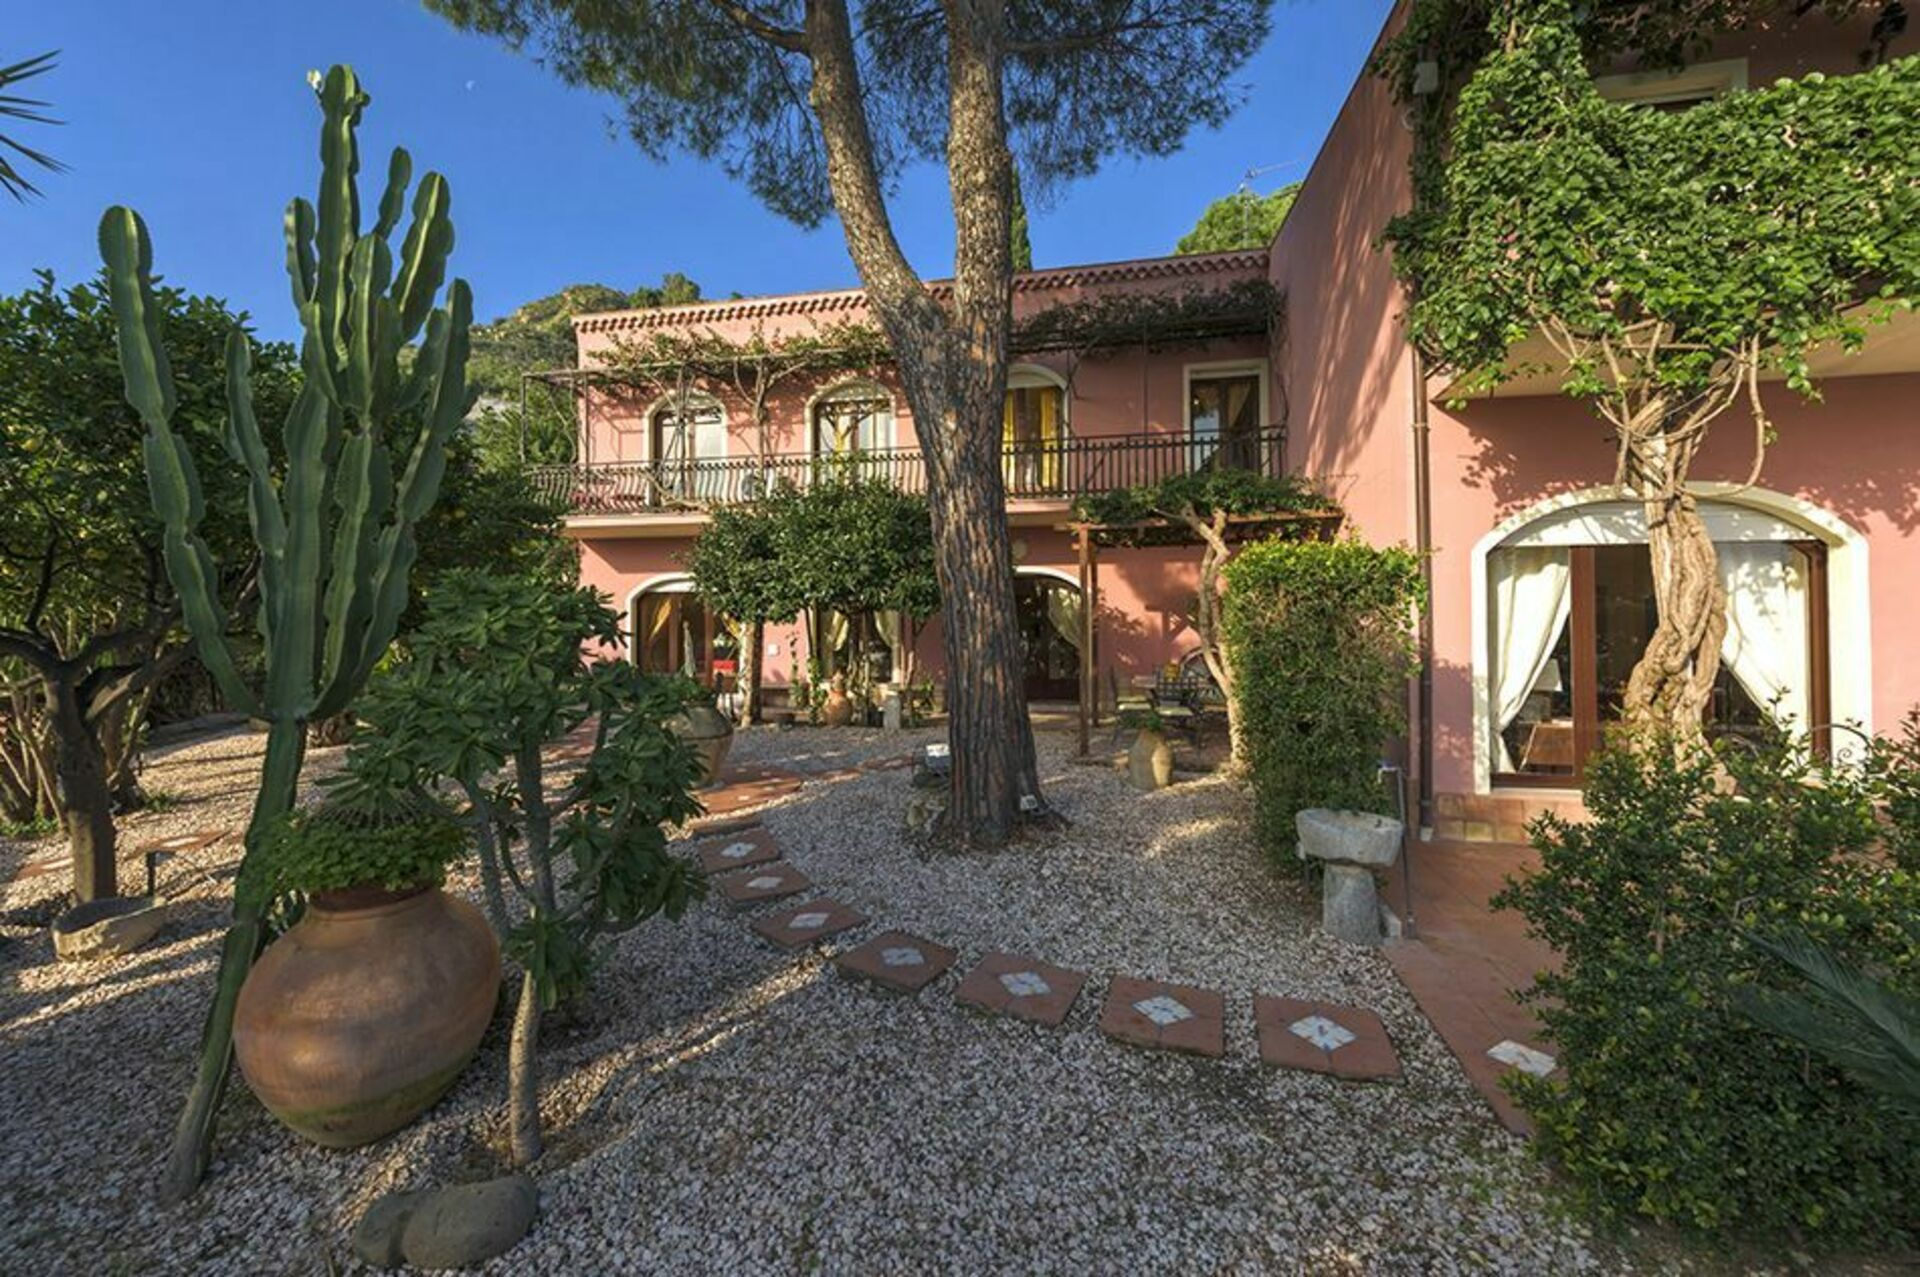 Villa la boheme villa di lusso in affitto per vacanze a taormina sicilia casa vacanze con - Affitto casa vacanze sicilia con piscina ...